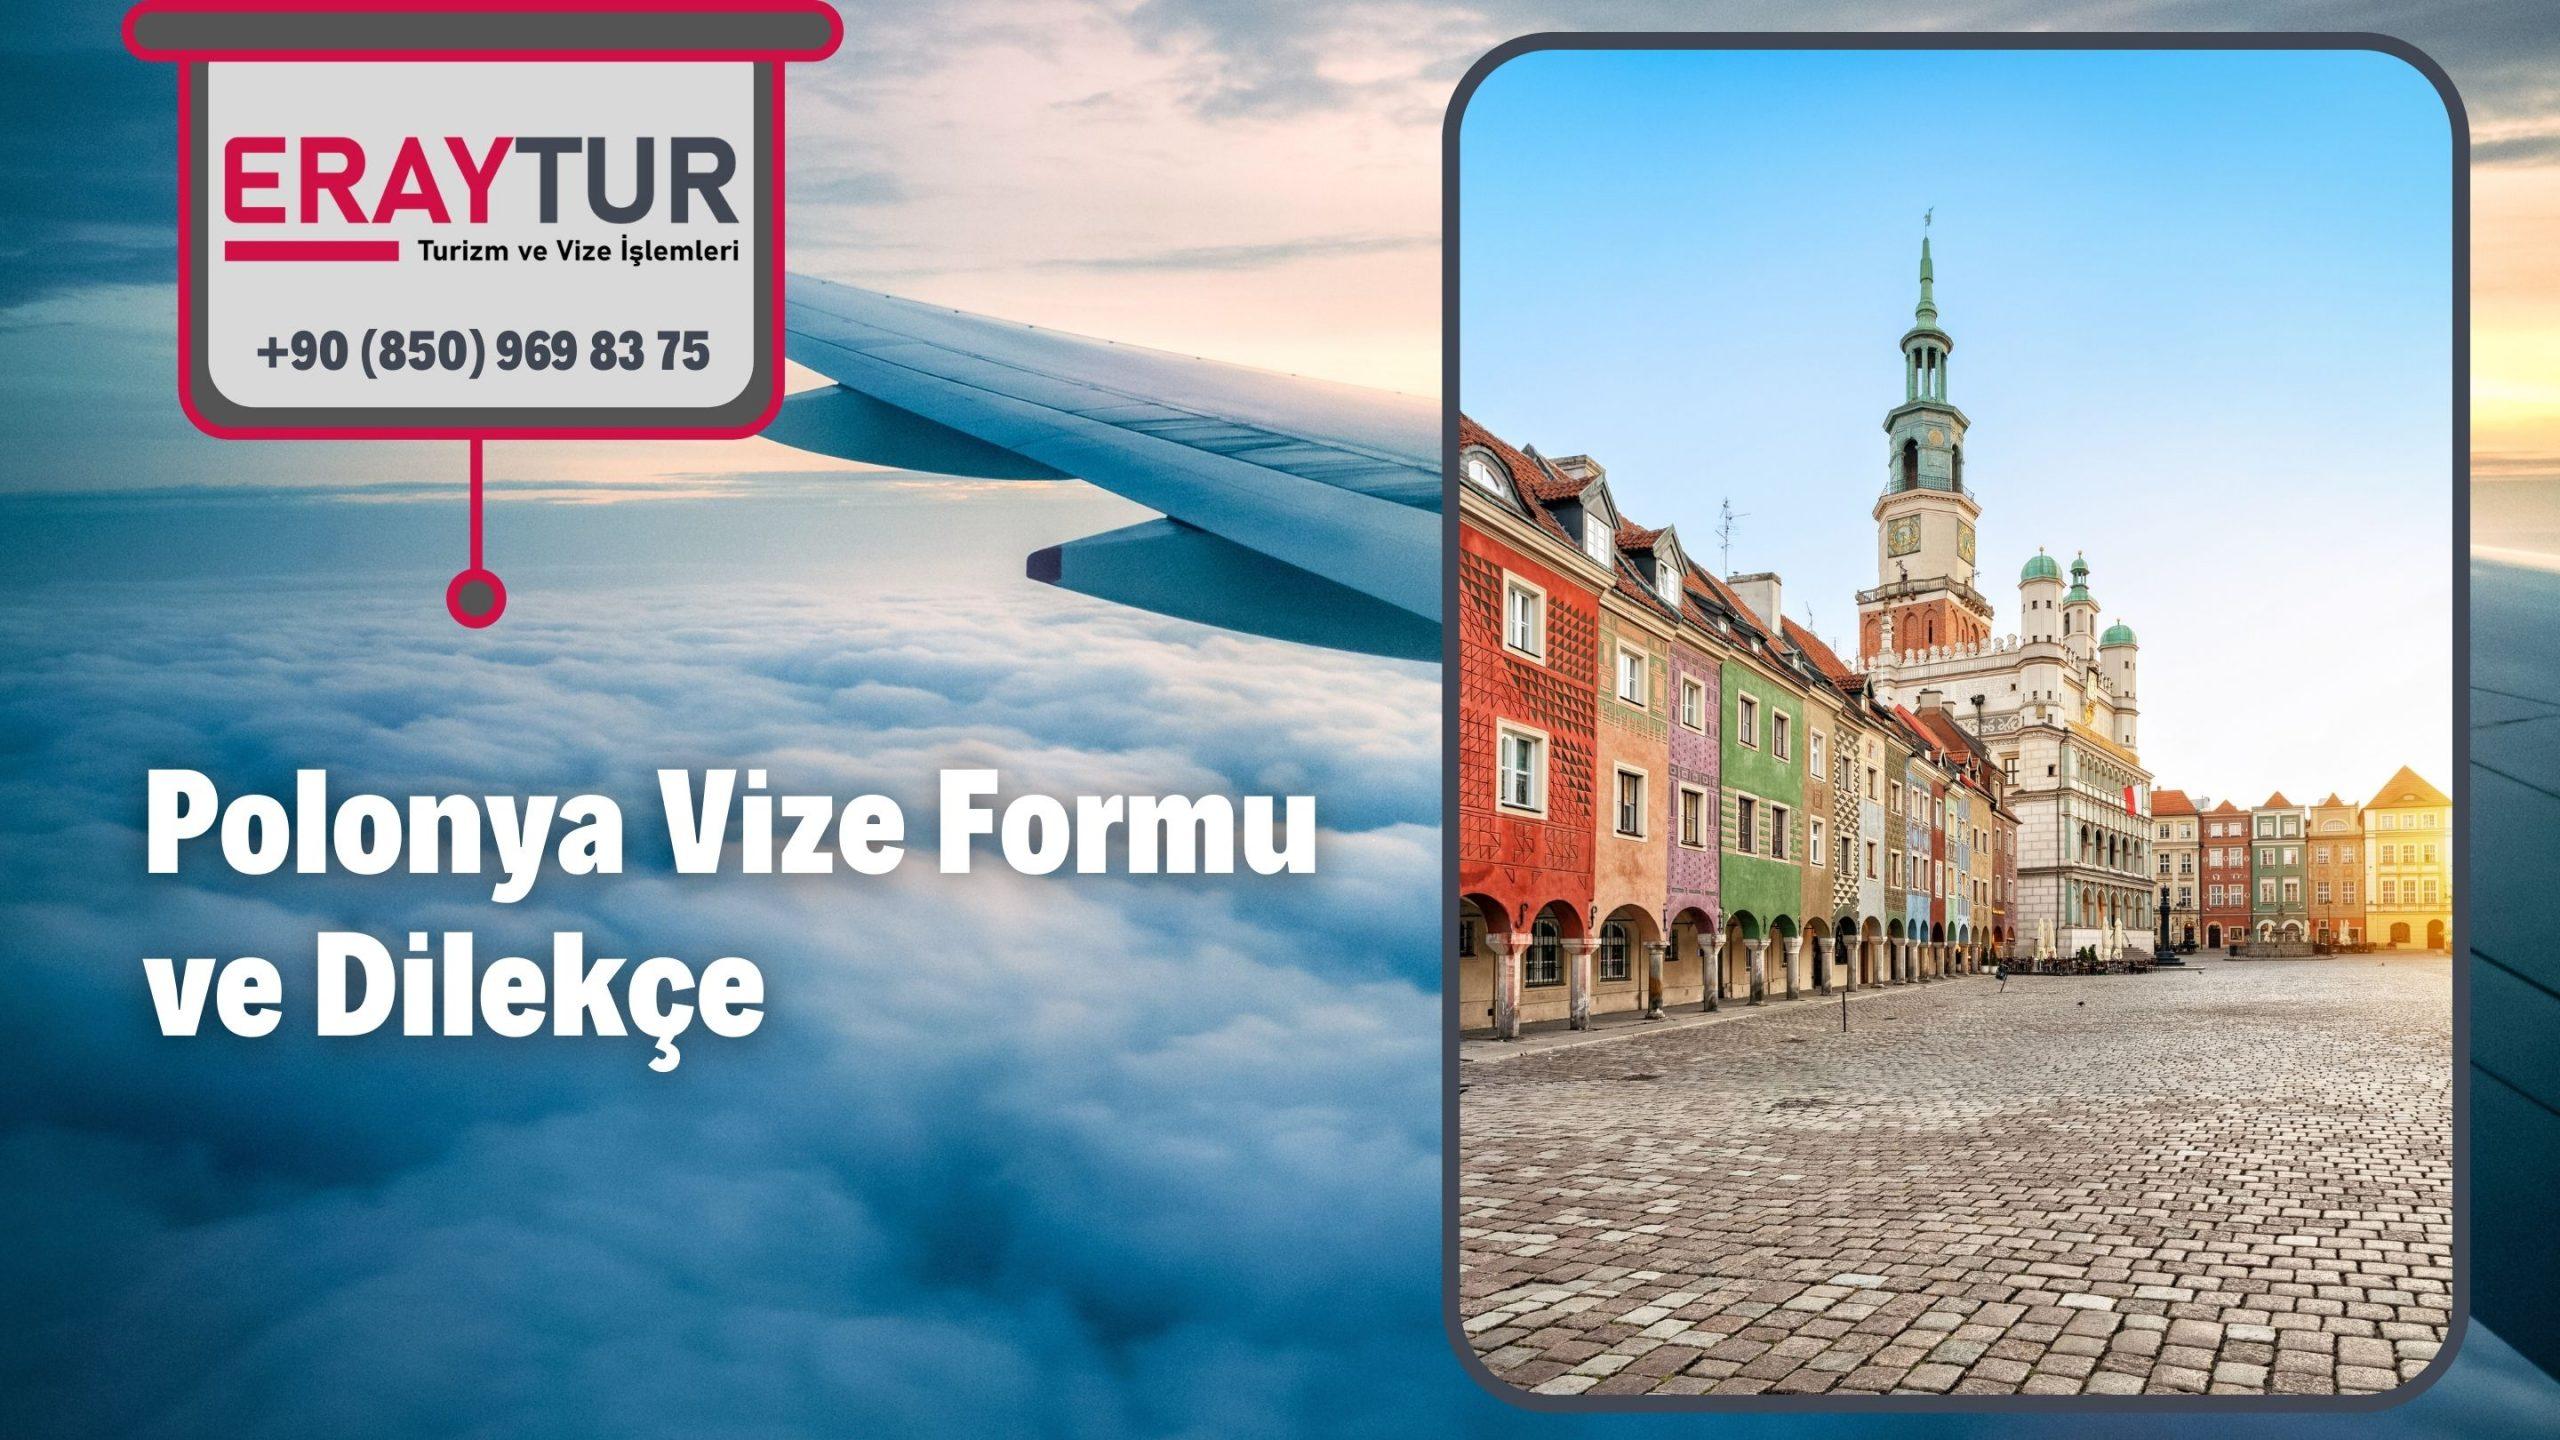 Polonya Vize Formu ve Dilekçe 1 – polonya vize formu ve dilekce 1 scaled